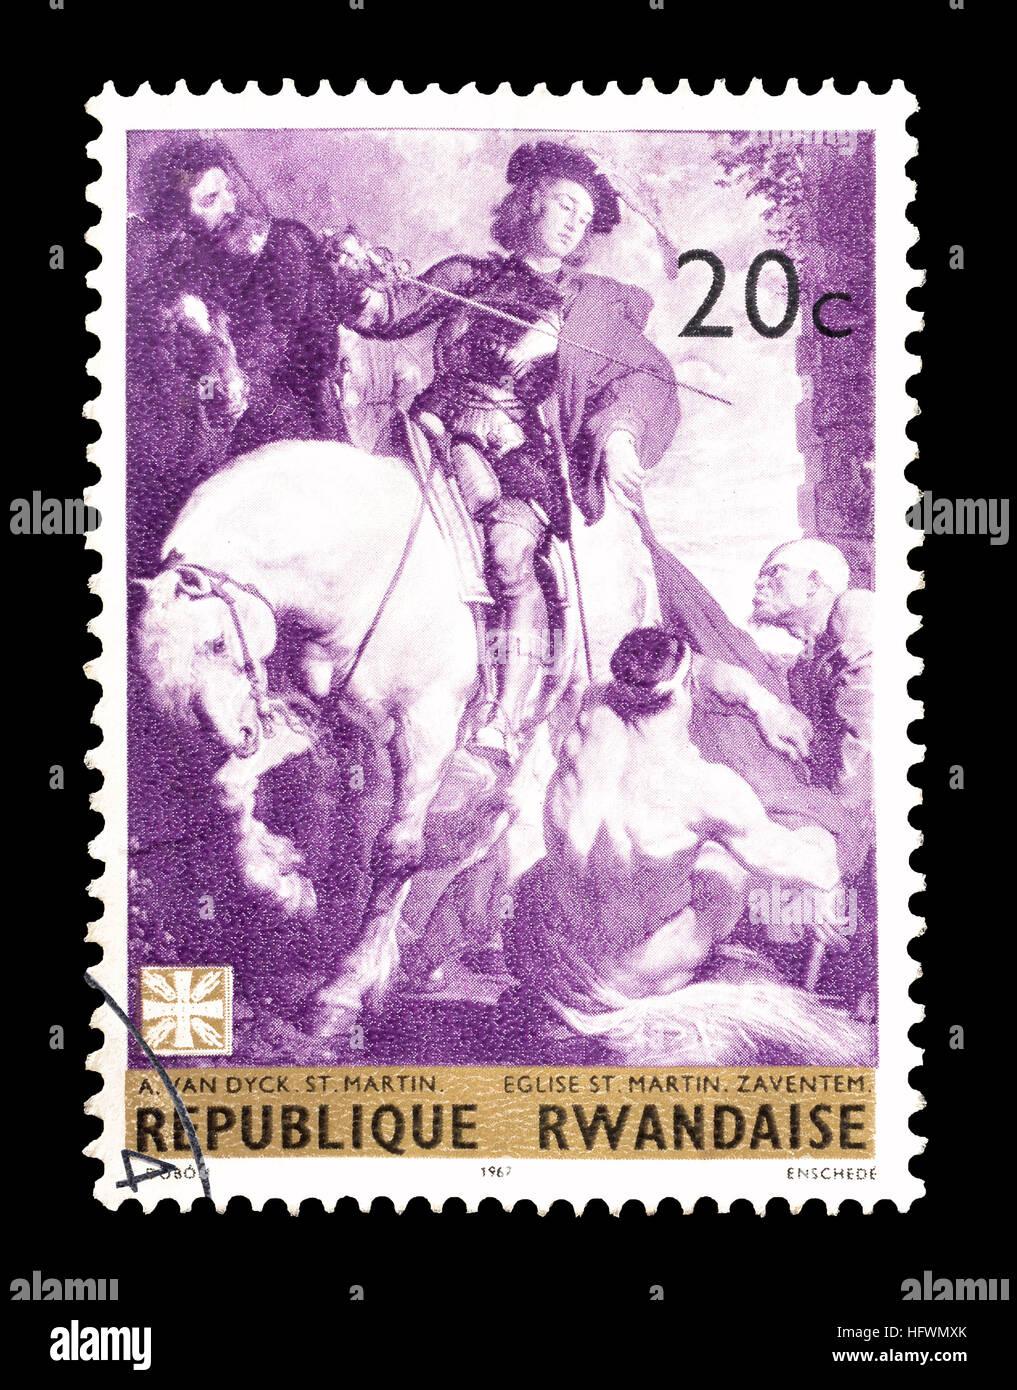 Rwanda 1967 - Stock Image